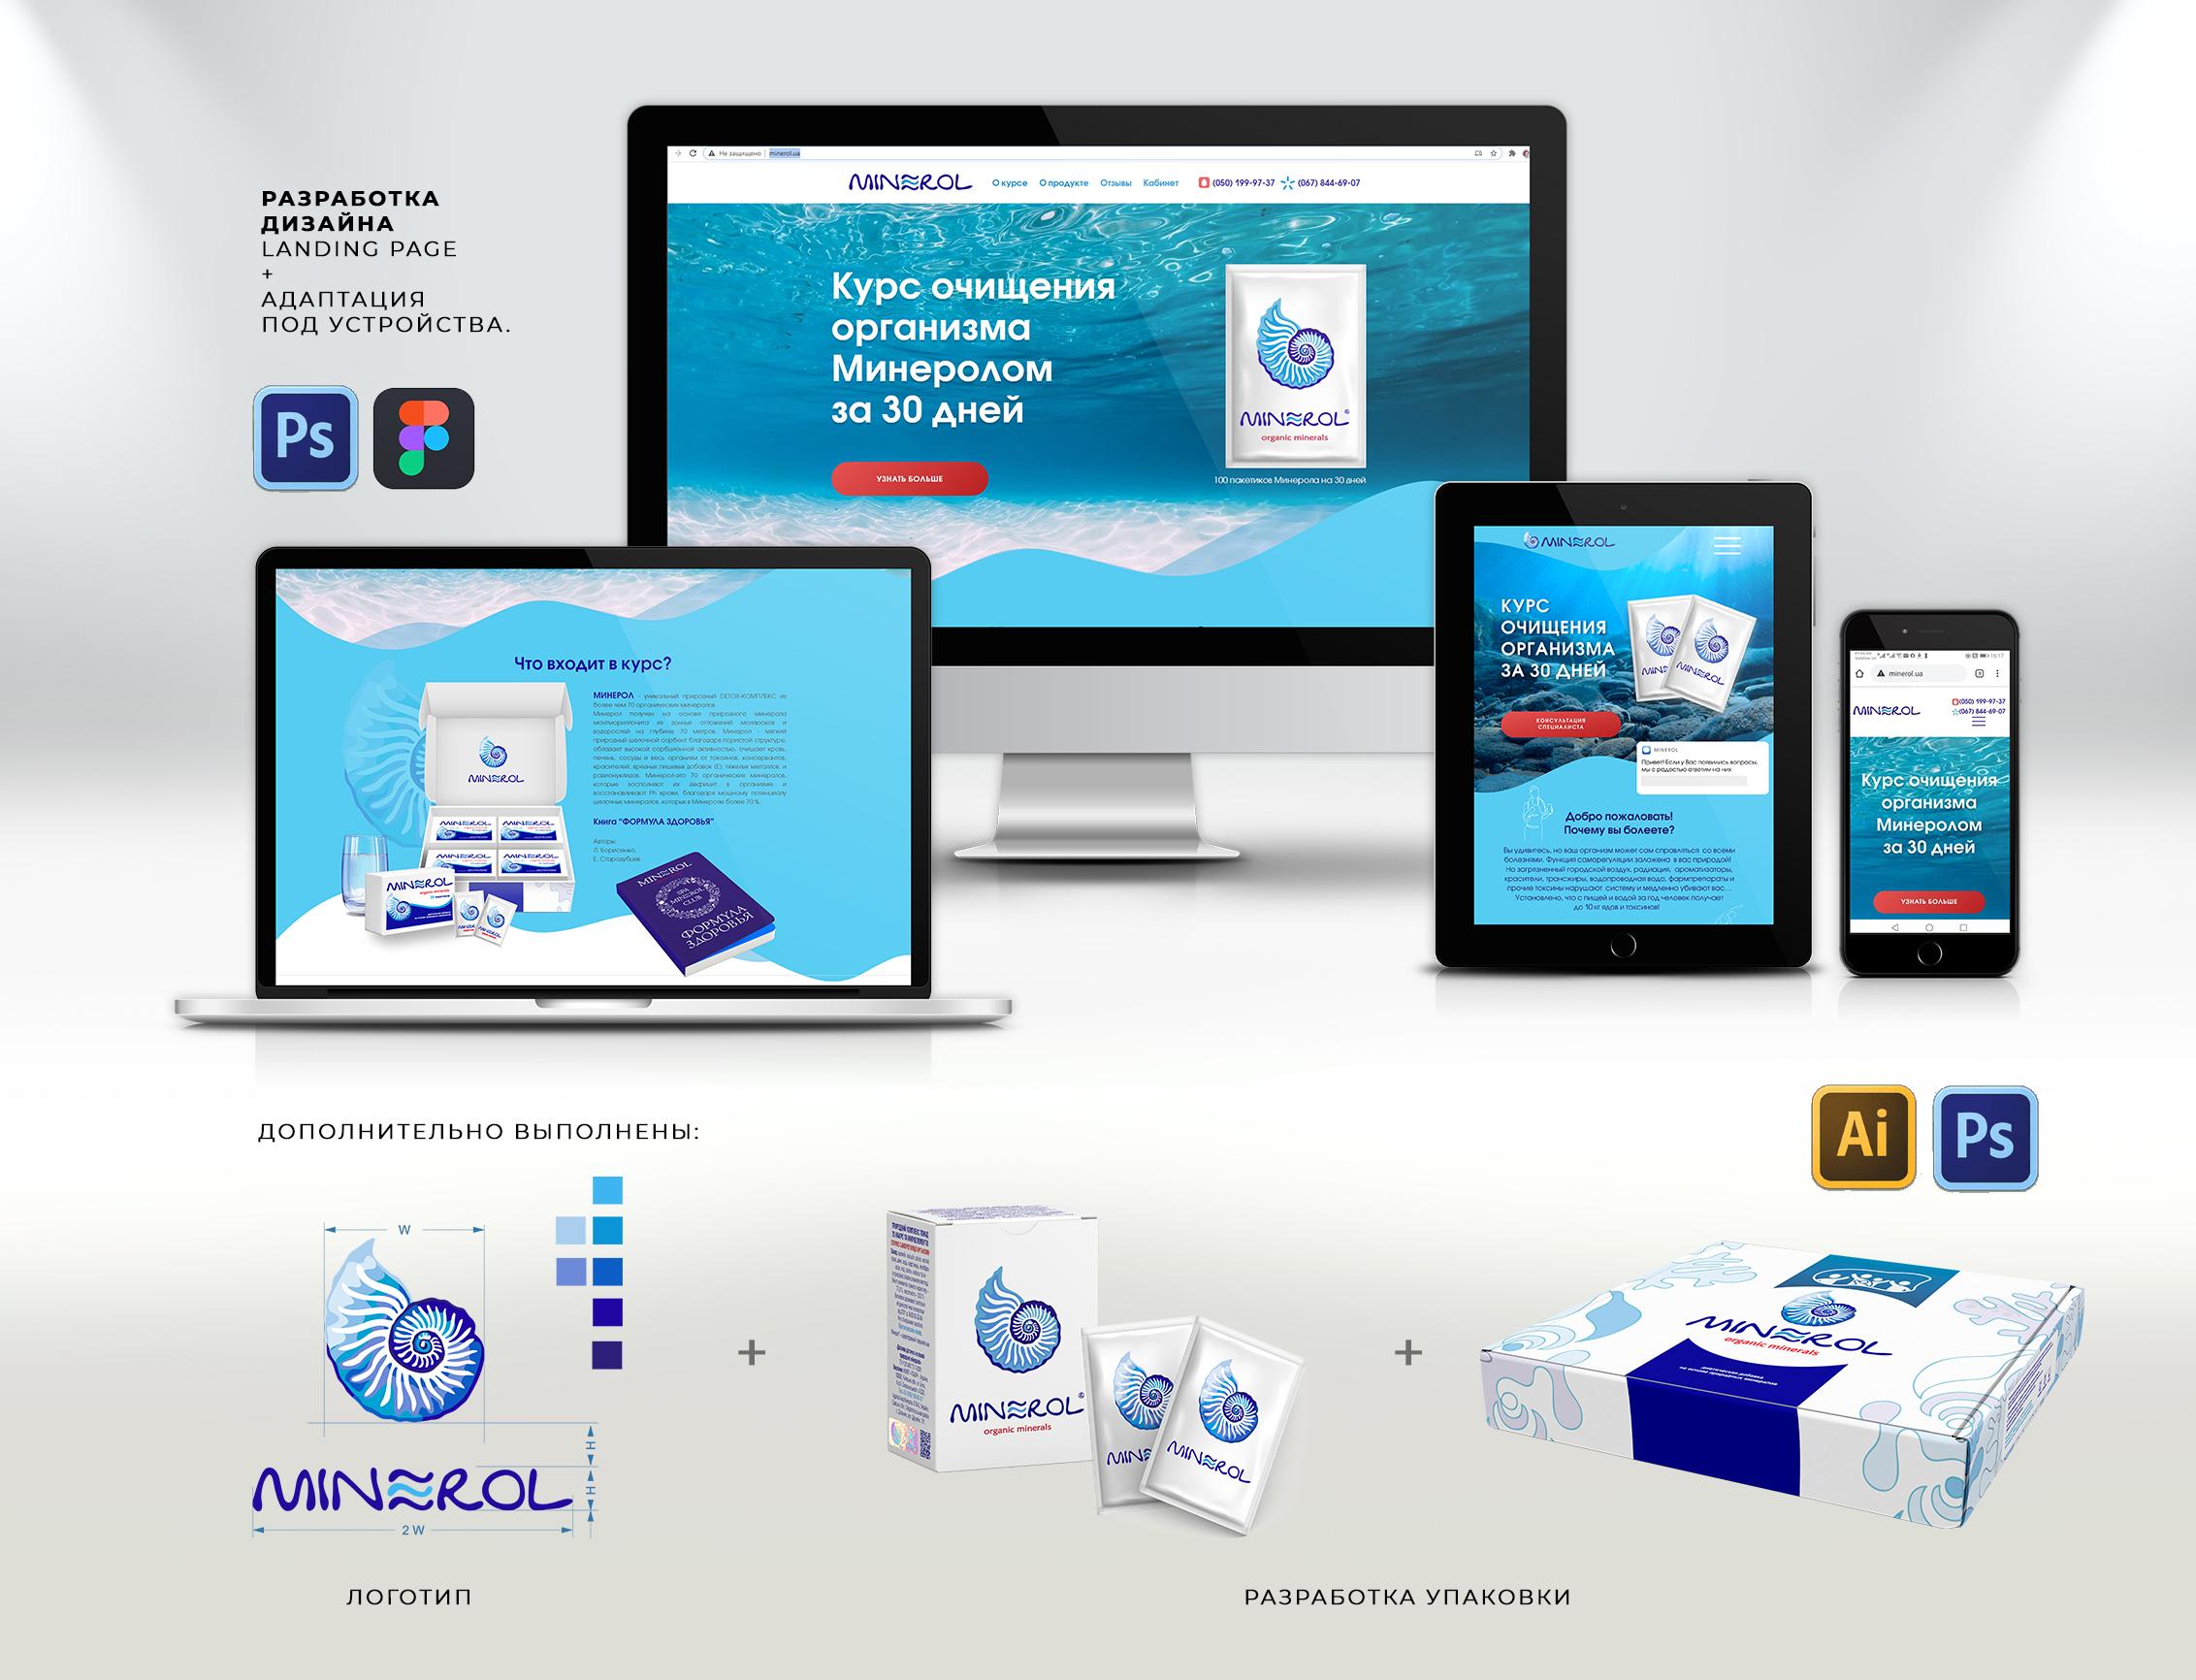 Фото Комплексное решение. Разработан дизайн продающей страницы Landing page с дополнительными компонентами (лого и упаковка), макет адаптирован под разные утсройства. Подготовка материалов - Adobe Photoshop, выпуск - в Figma.